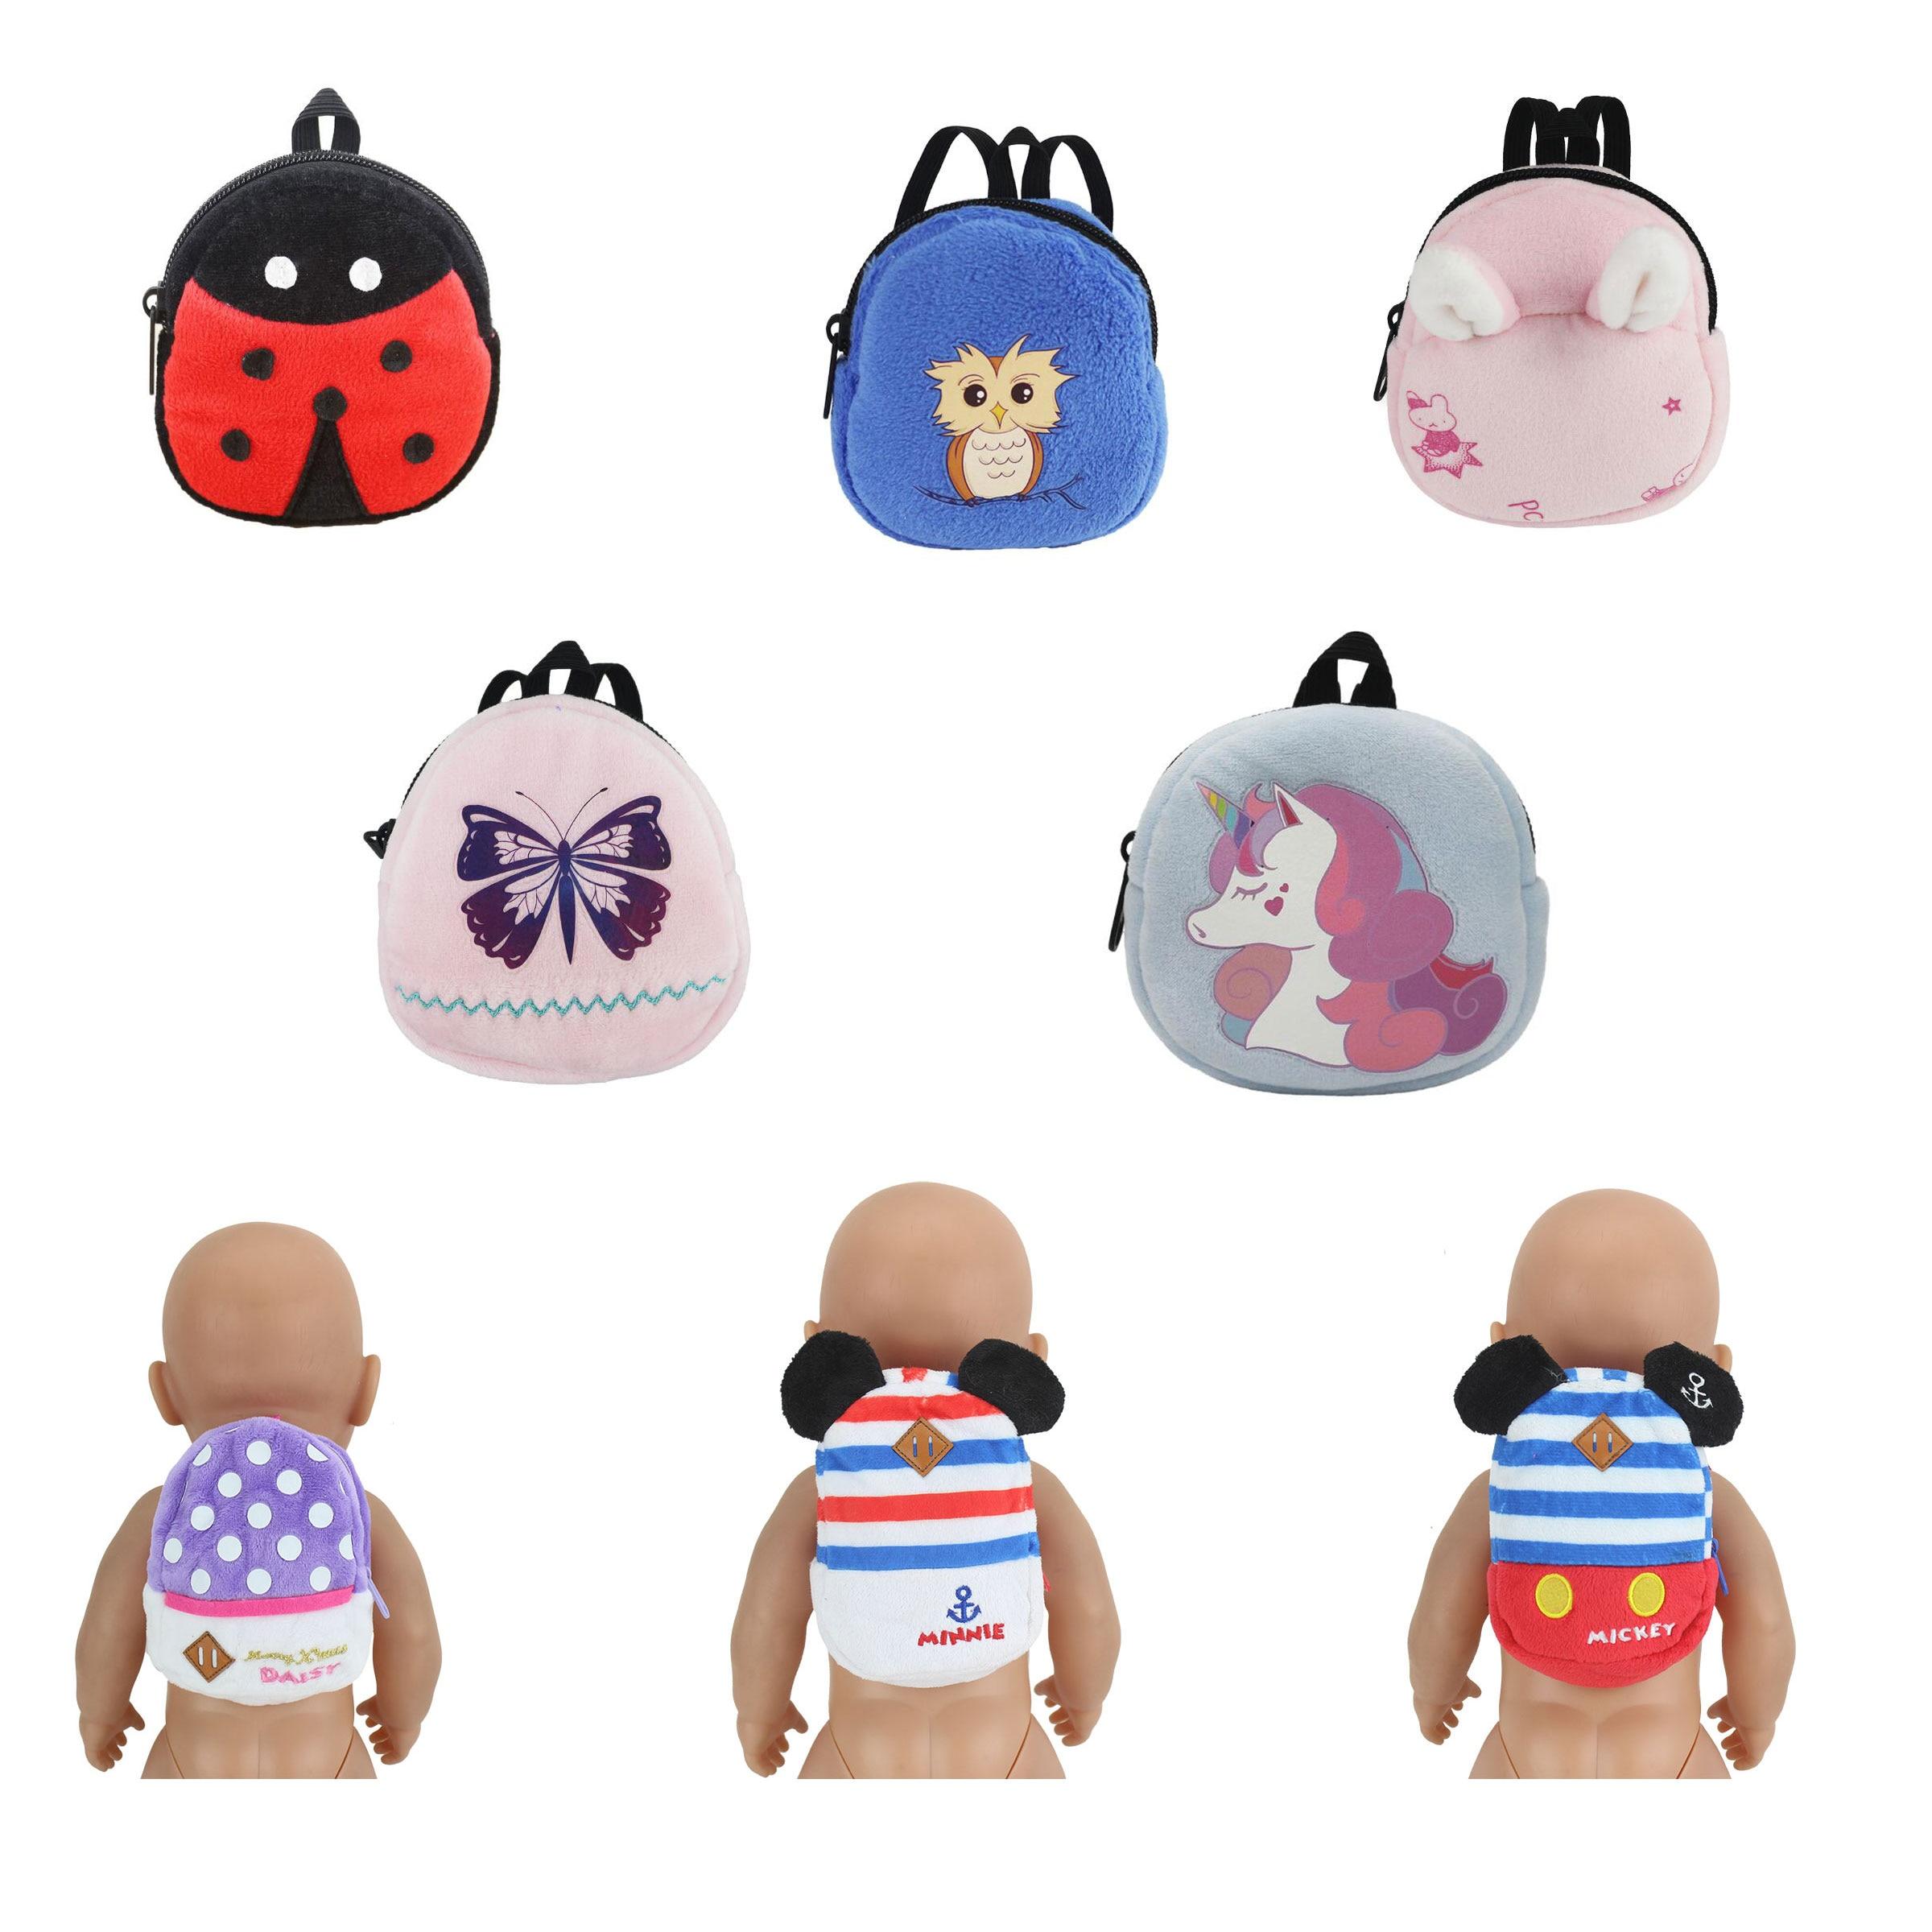 Новый Модный милый рюкзак, аксессуары для кукол, розовая сетка, одежда для подушки, подходит для куклы 43 см (продается только сумка)